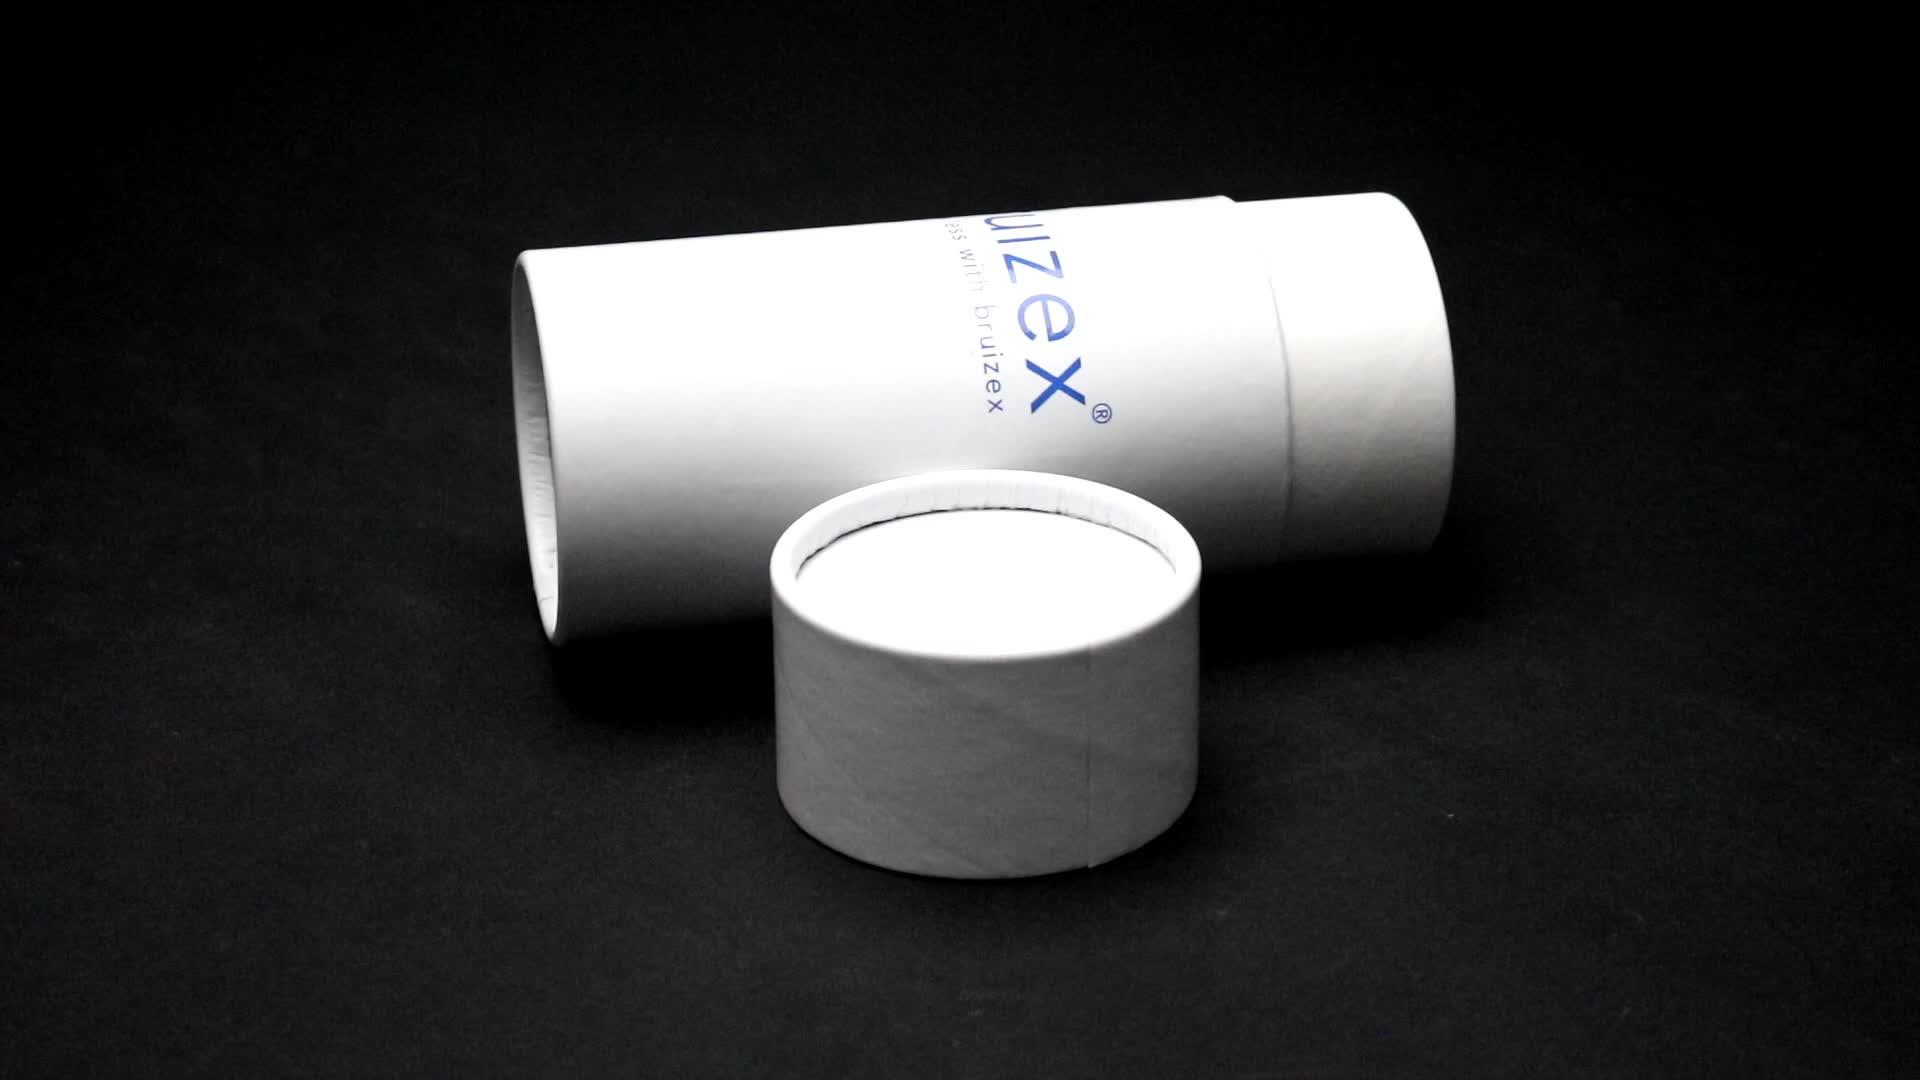 Glad oppervlak wit papier ronde buis doos met bedrijfslogo